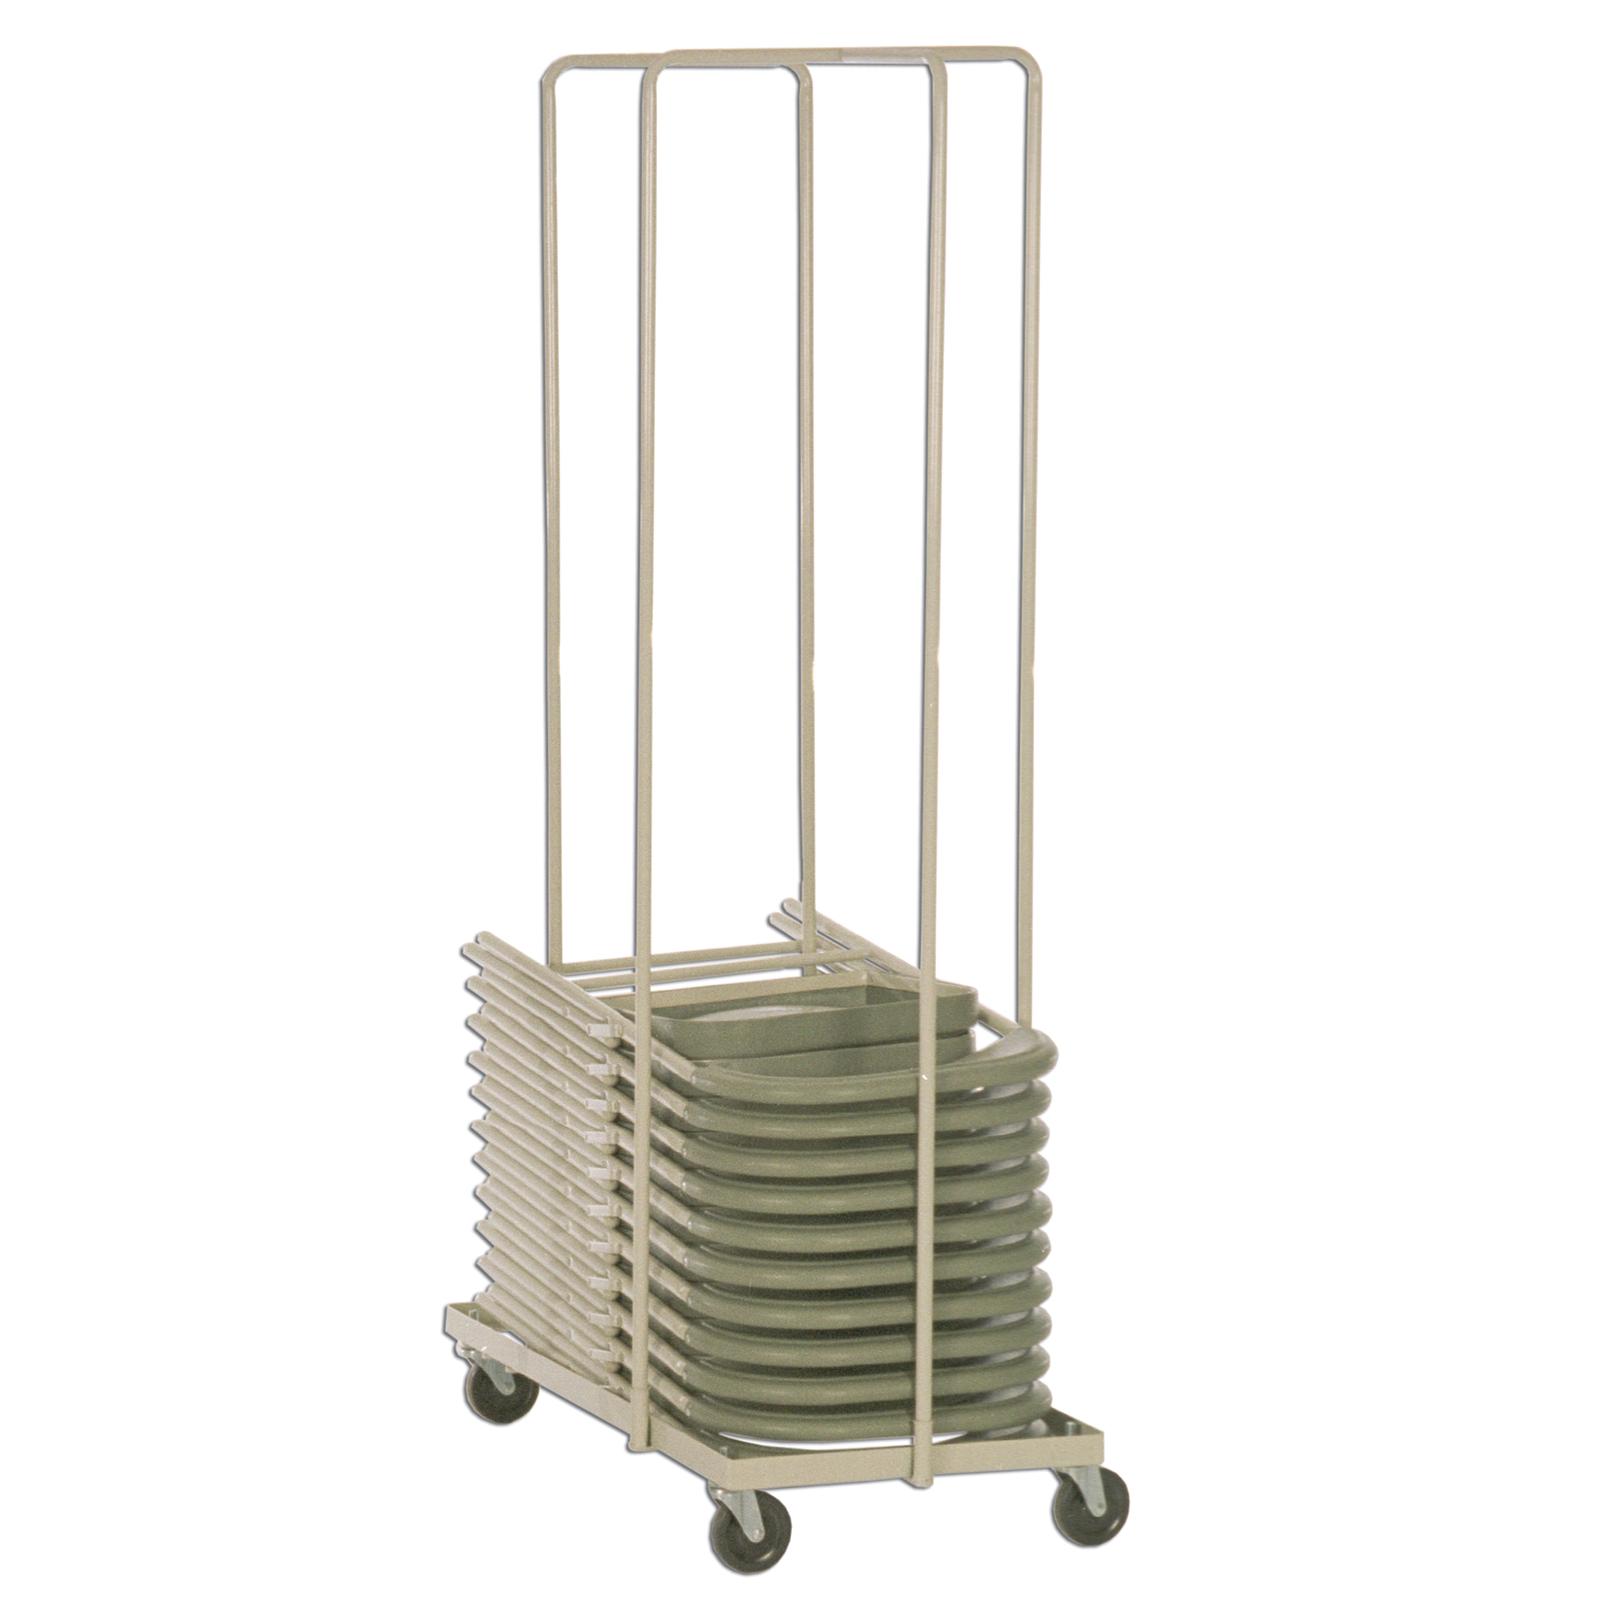 Folding steel chair caddy